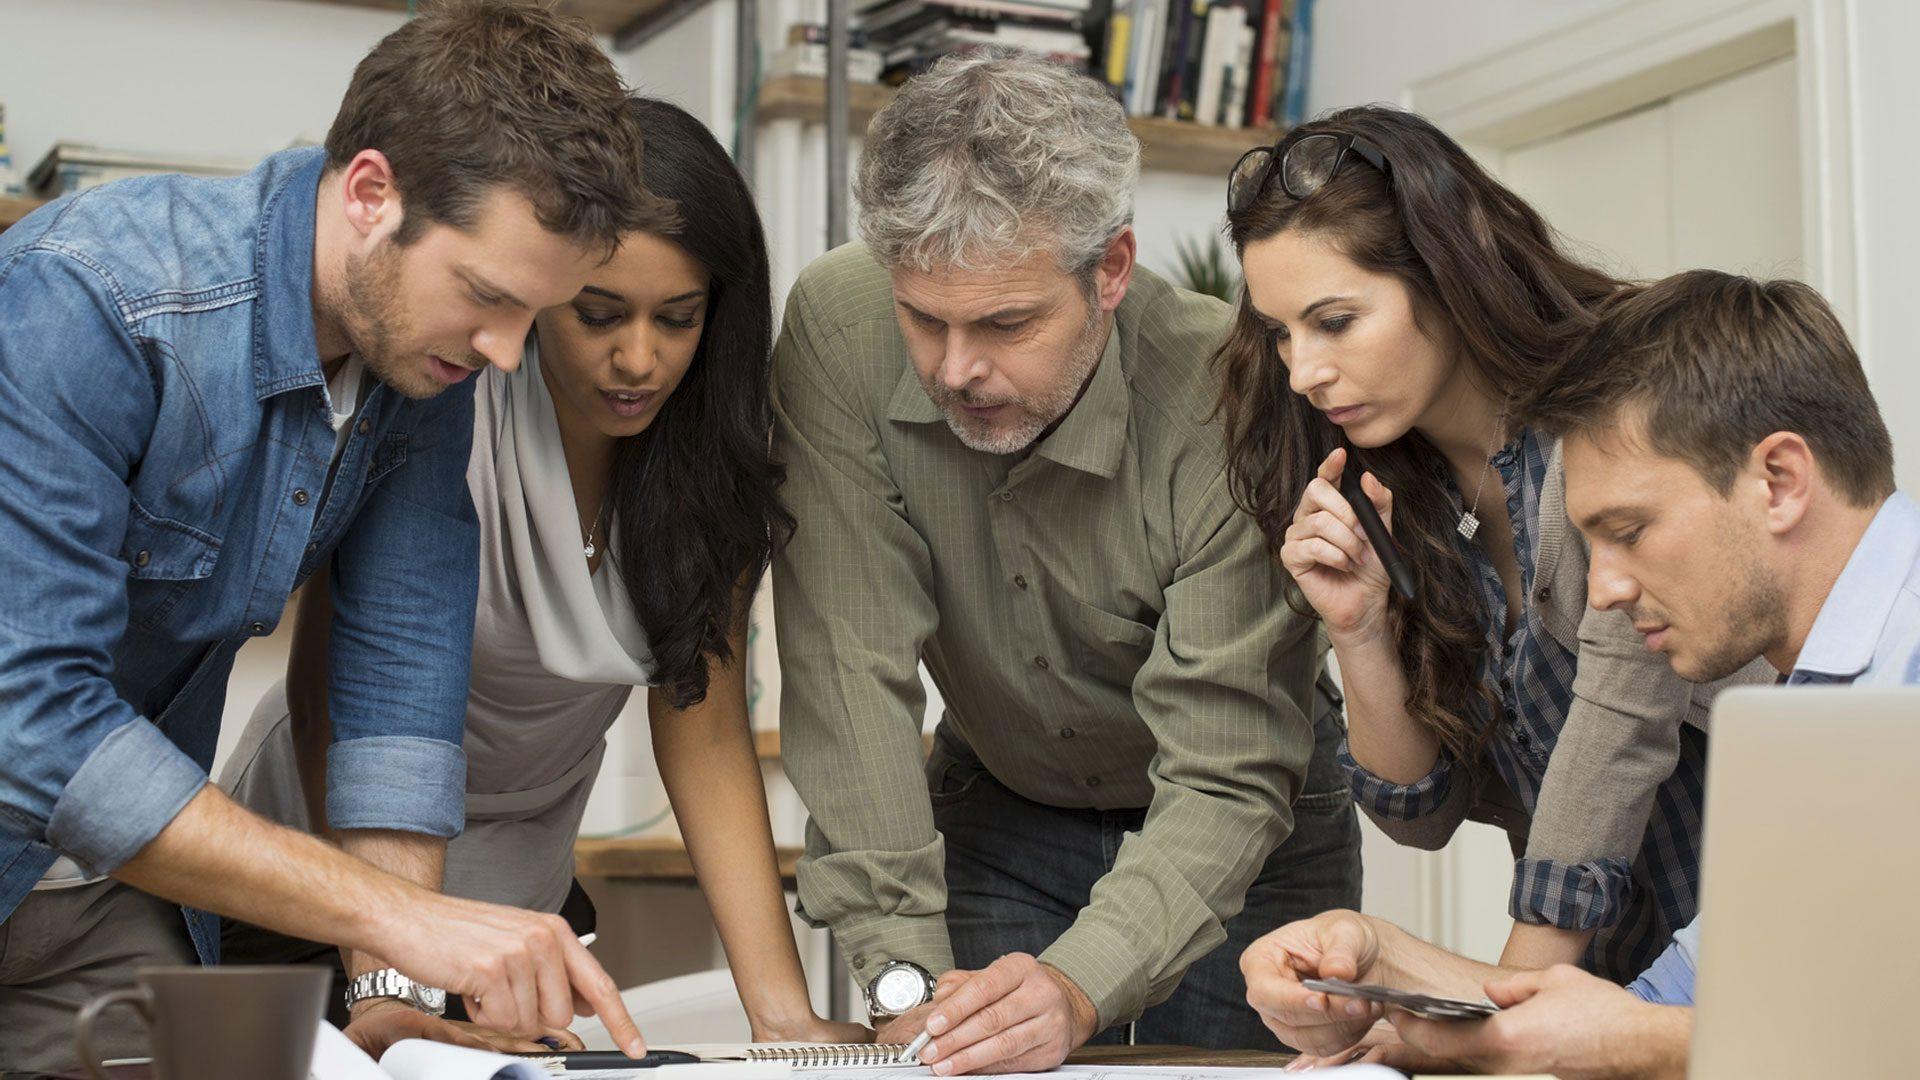 image team brainstorming